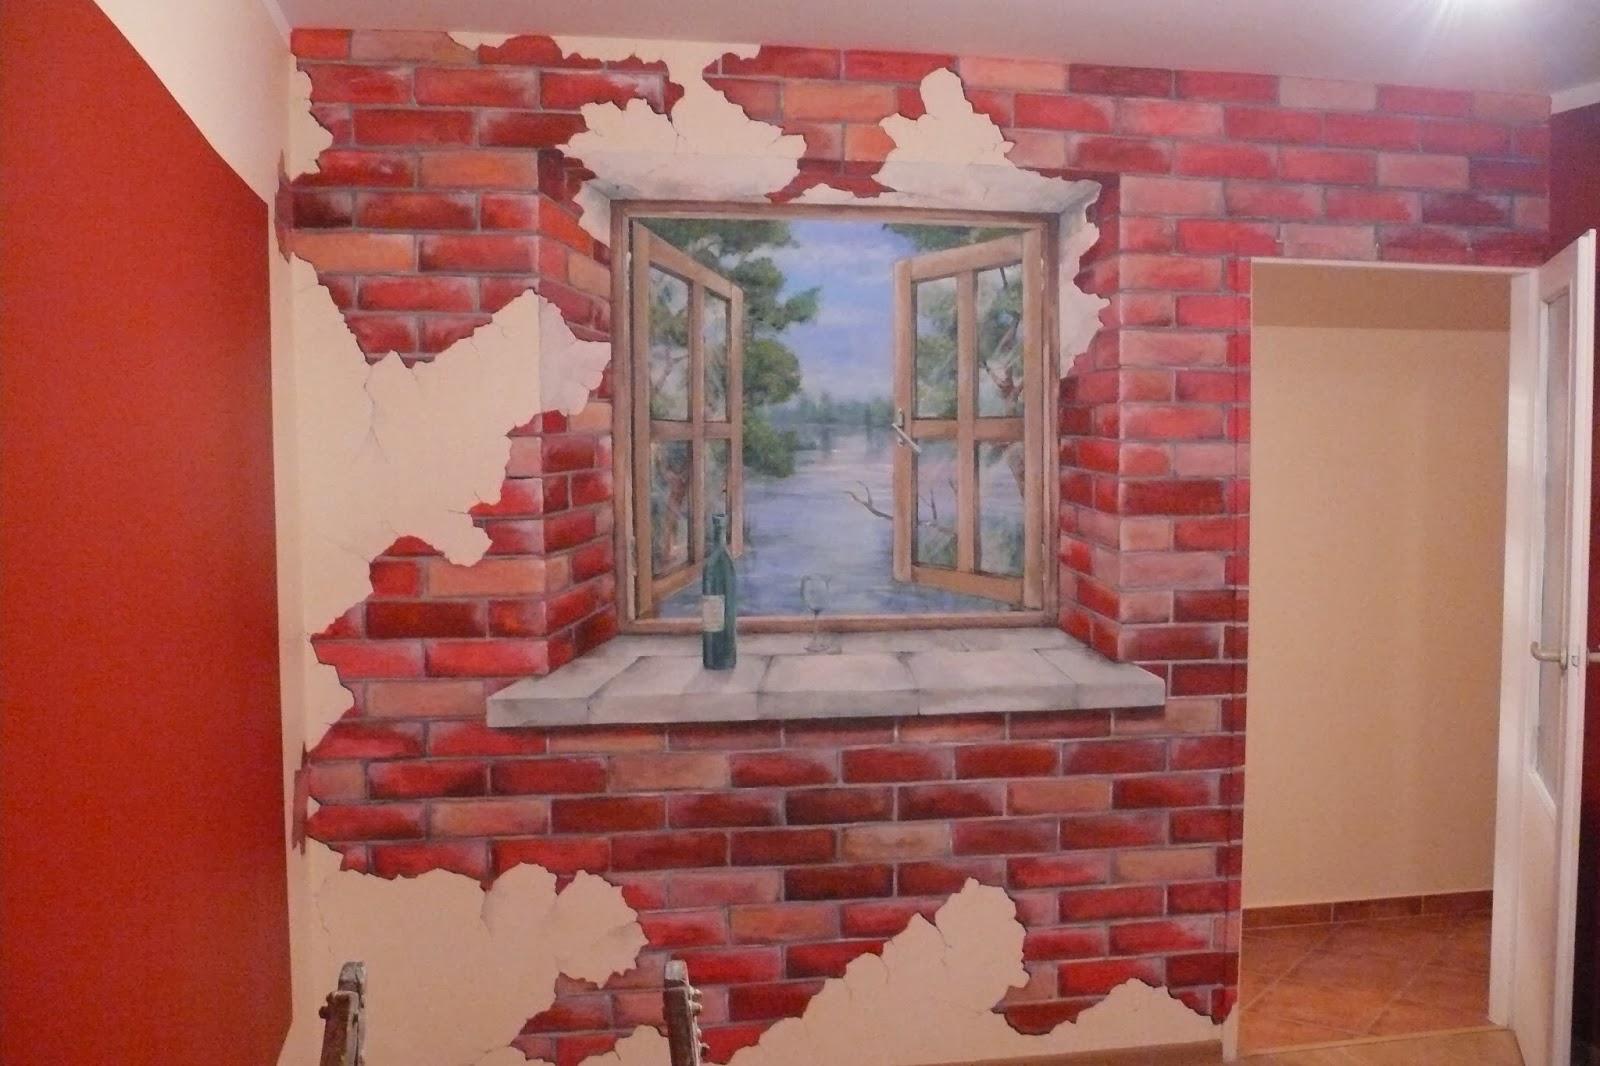 Artystyczne malowanie obrazu na ścianie przedstawiający widok z okna, Warszawa mural ścienny